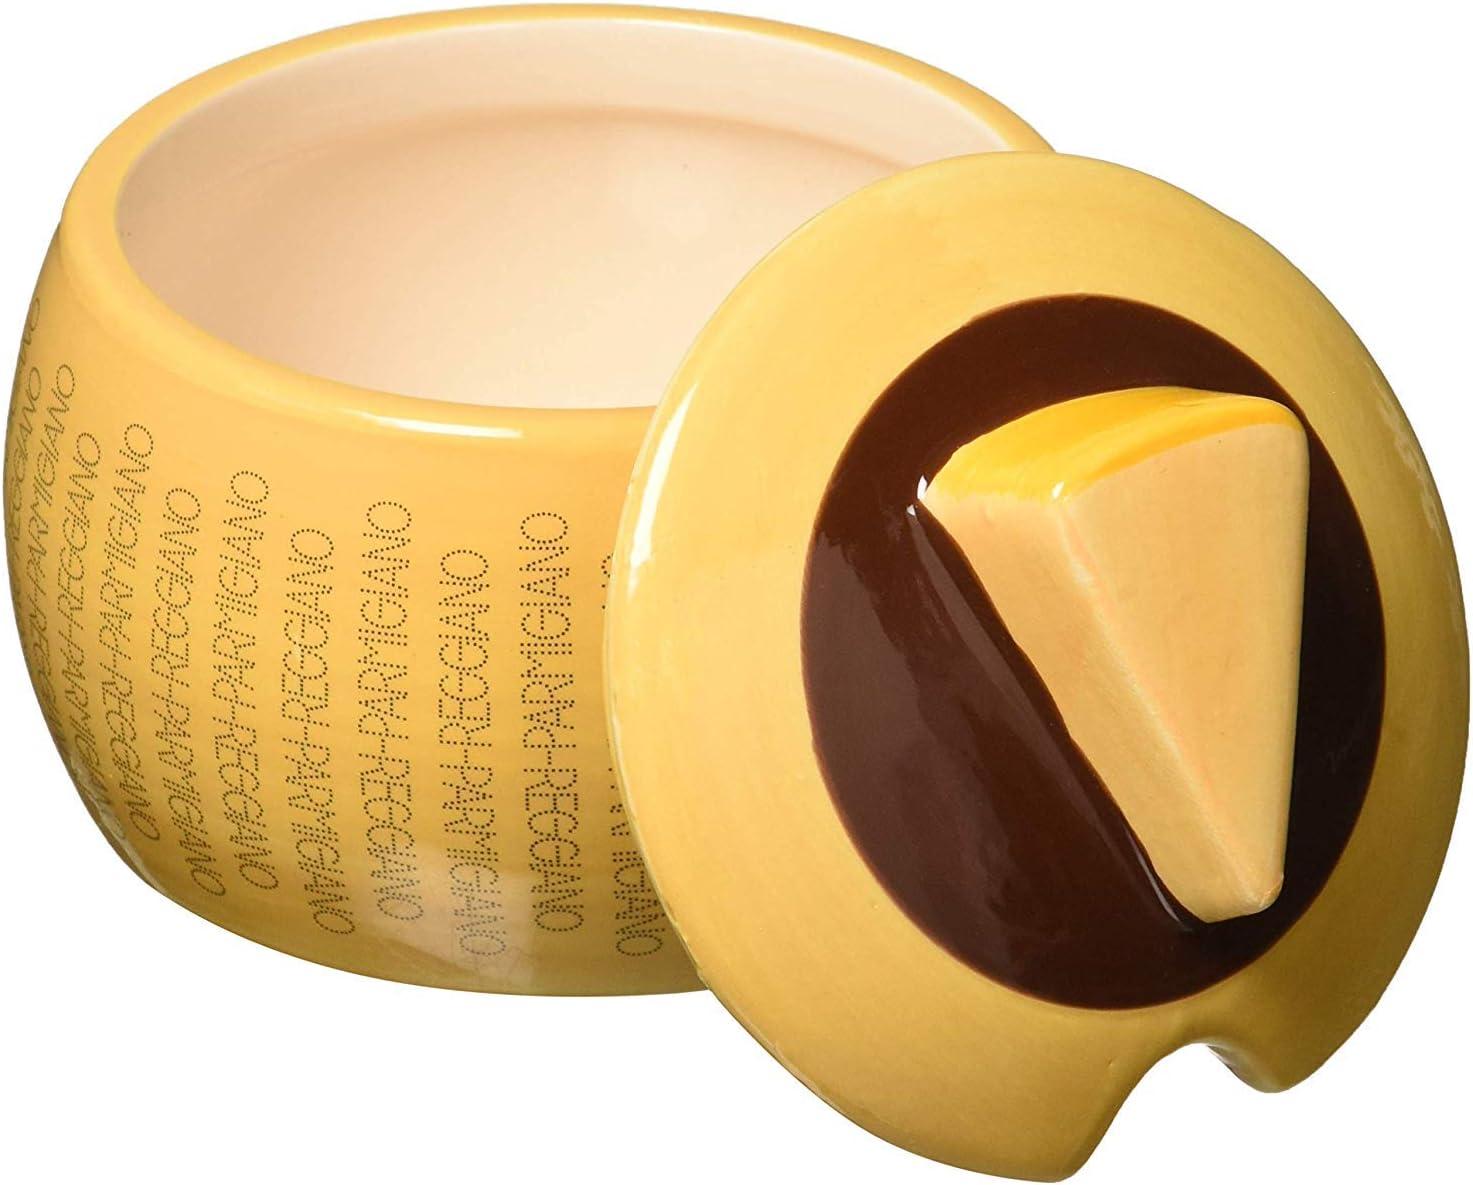 Boska Holland 990548 Parm Small Cheese Bowl Wheel